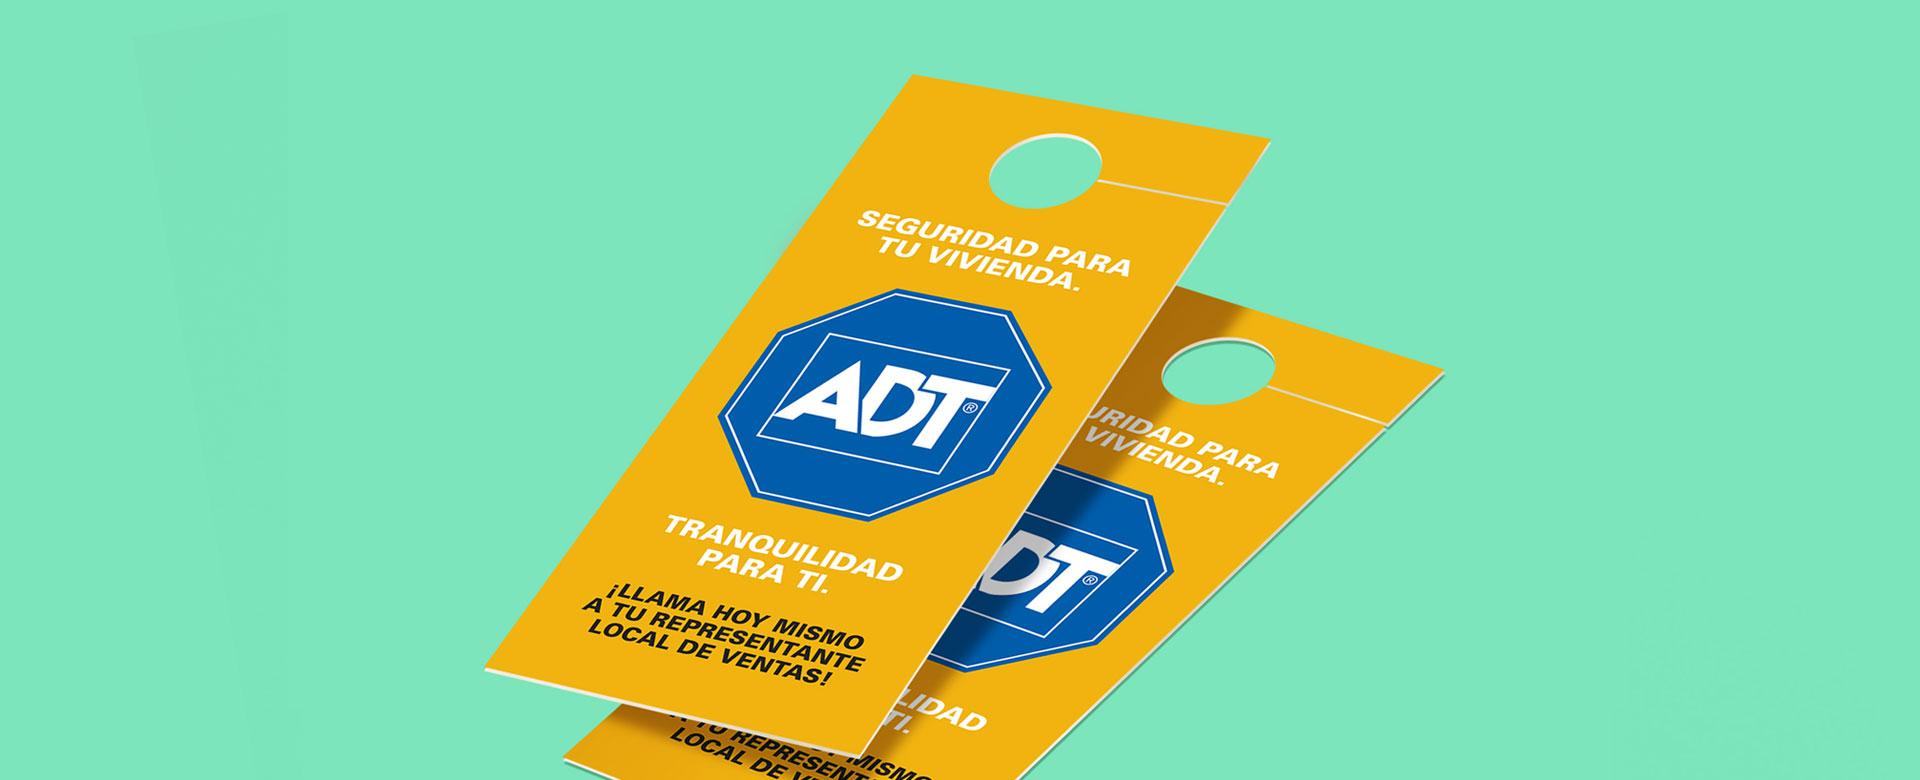 adt miami door hanger design full width